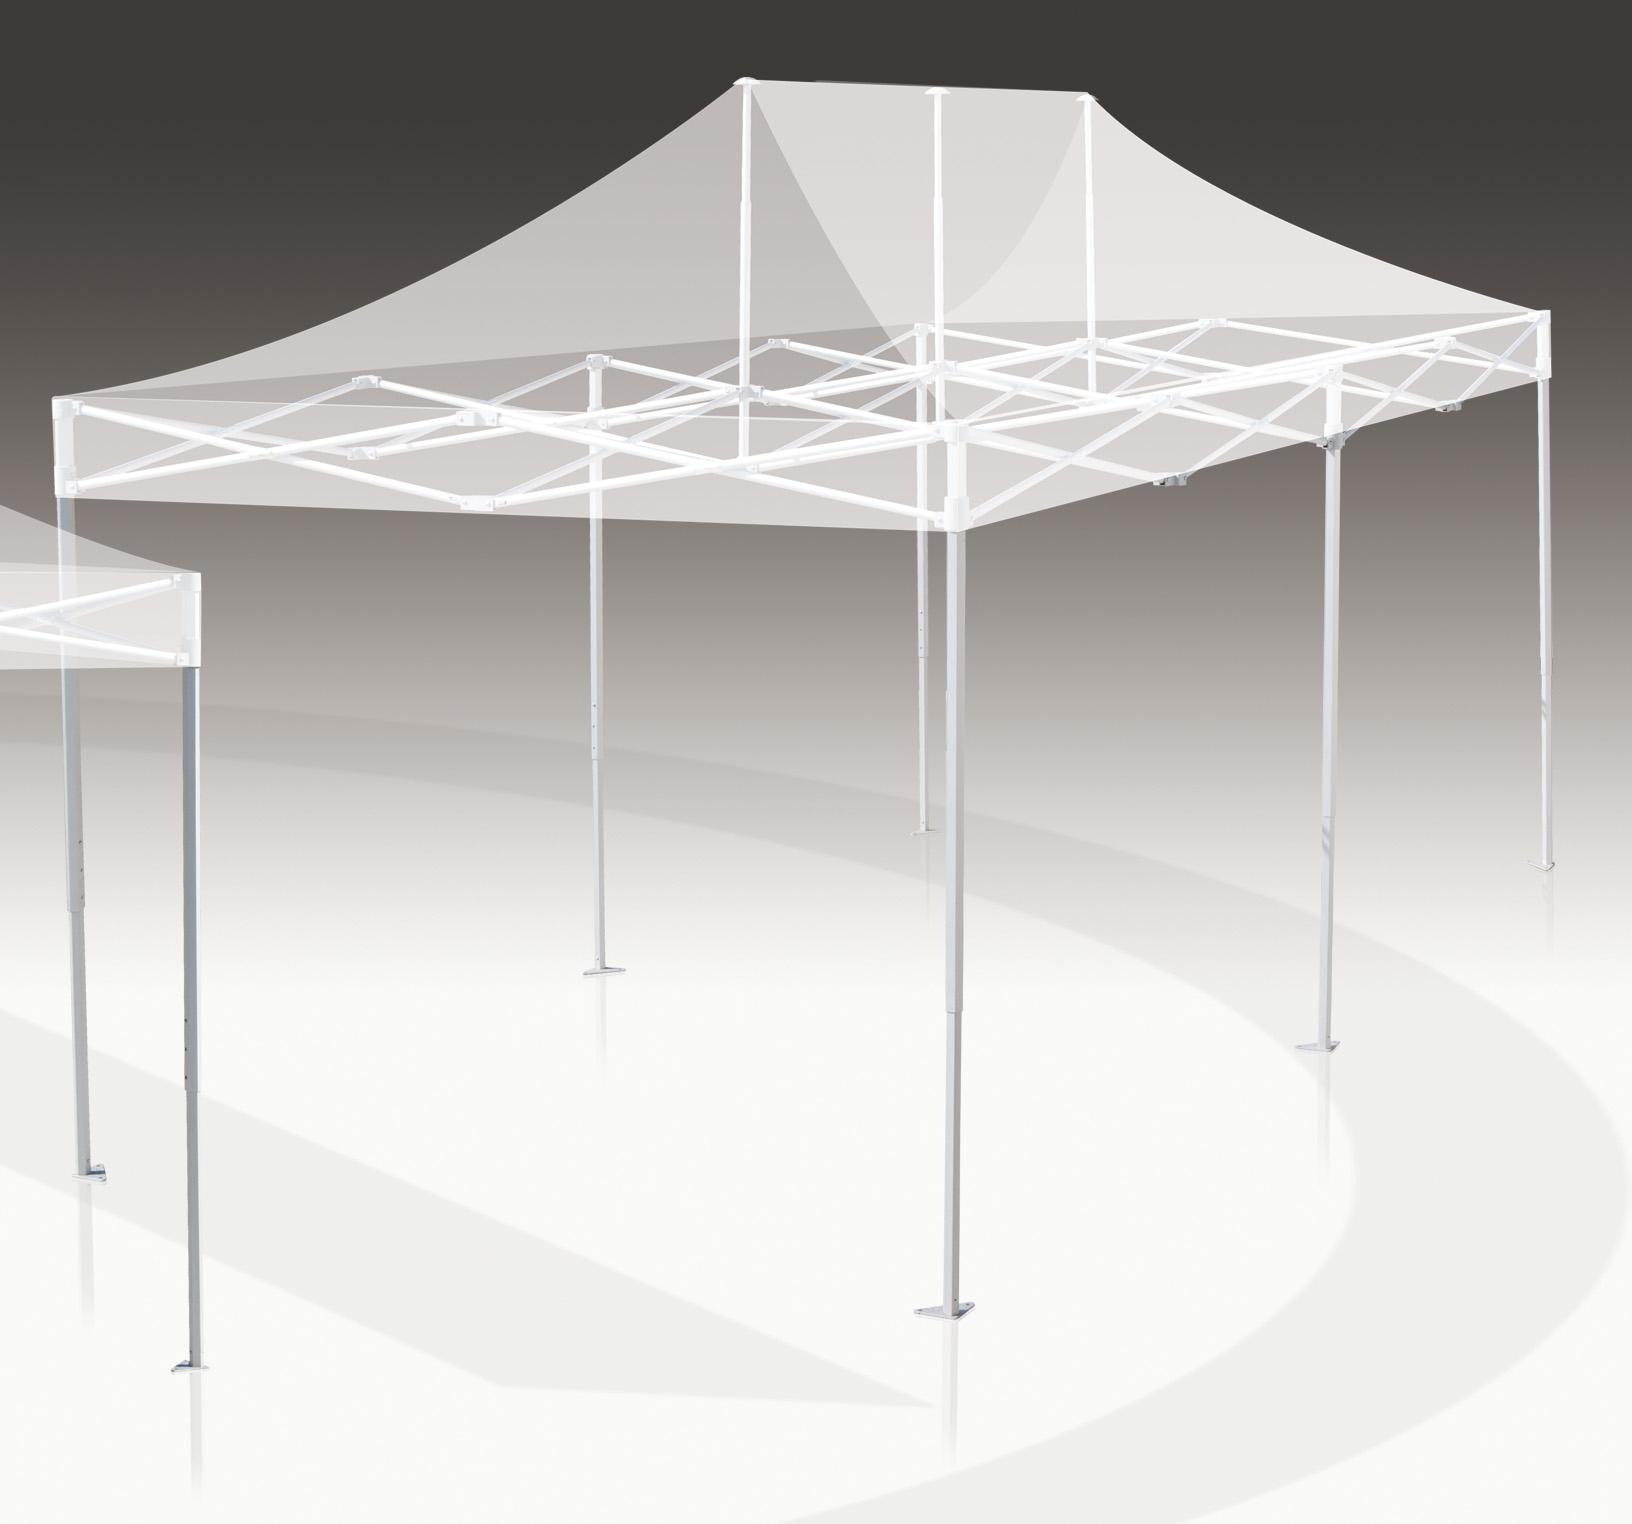 achat tente de rception free tonnelle barnum structure en acier de tente chapiteau pavillon uua